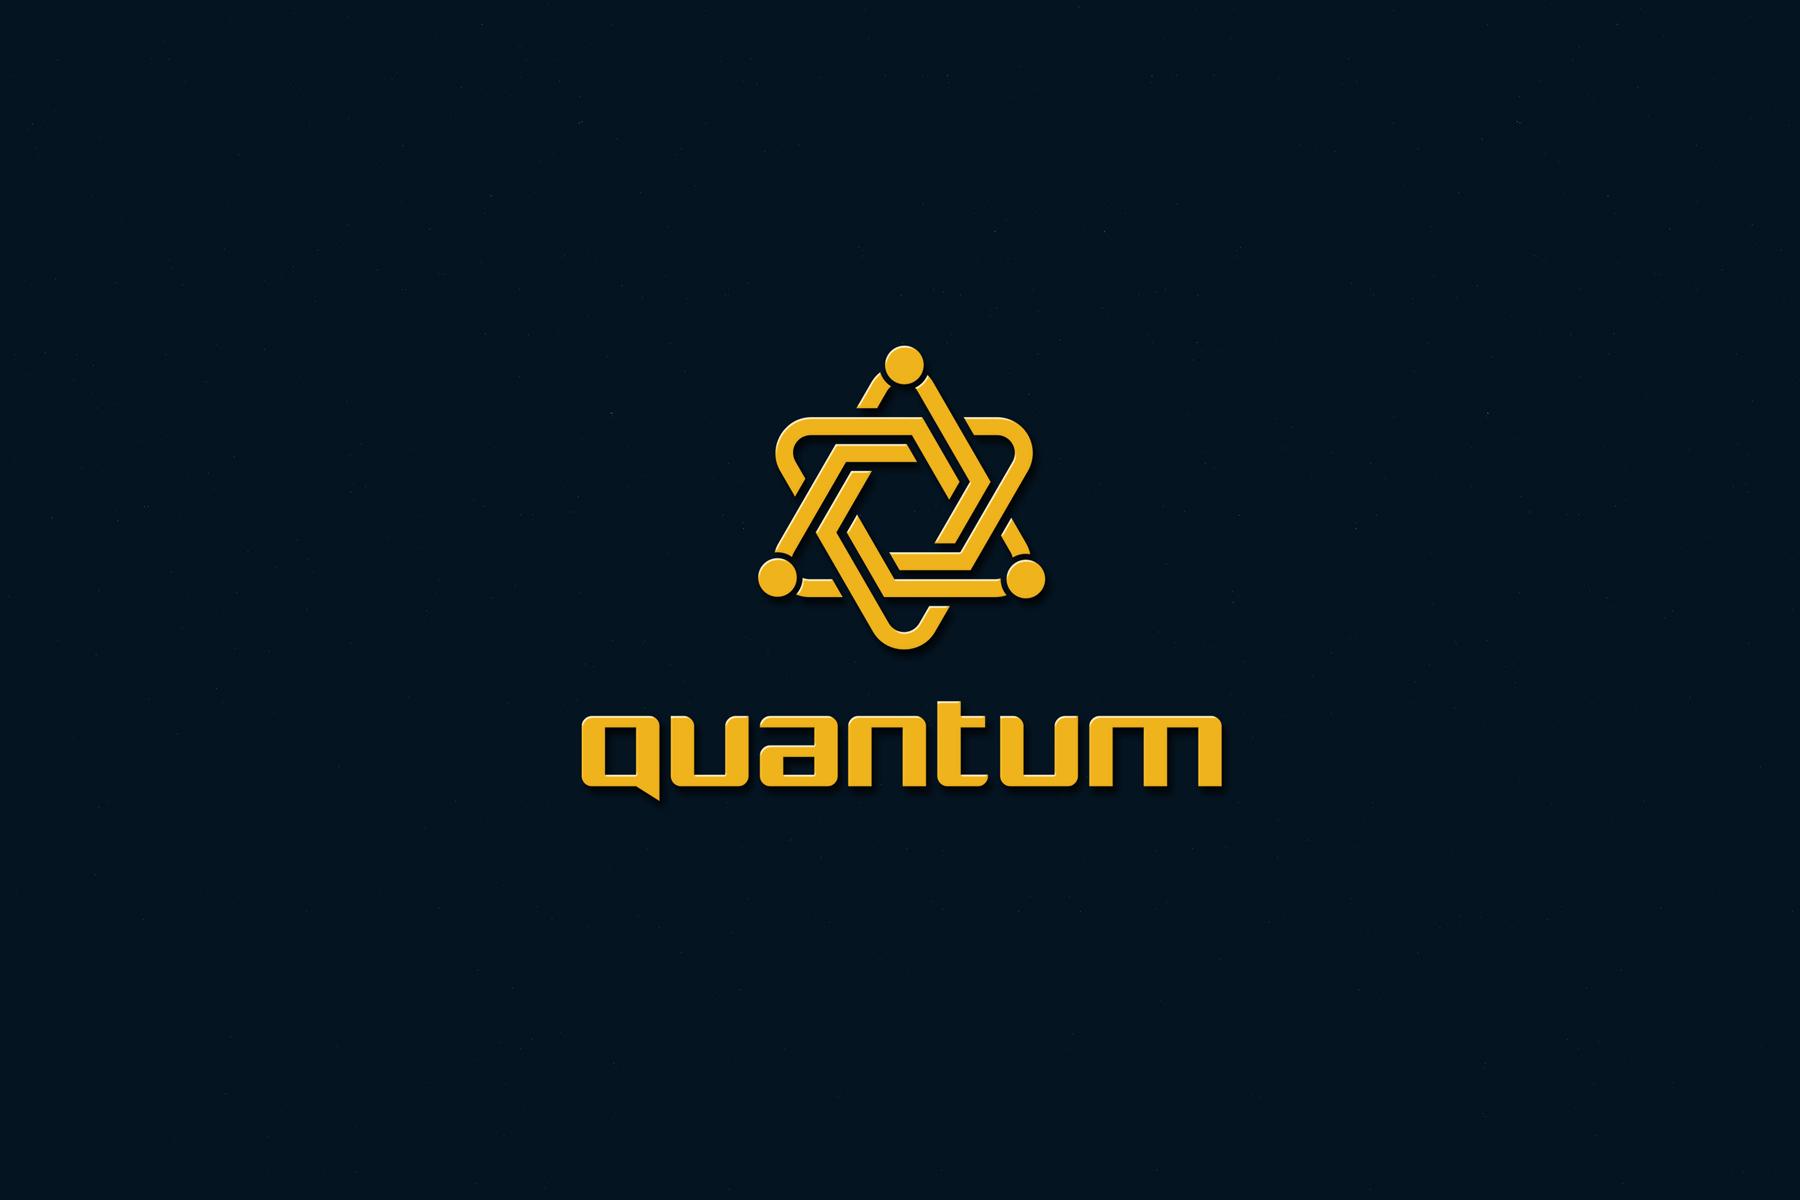 Редизайн логотипа бренда интеллектуальной игры фото f_0425bc653b1af52d.jpg